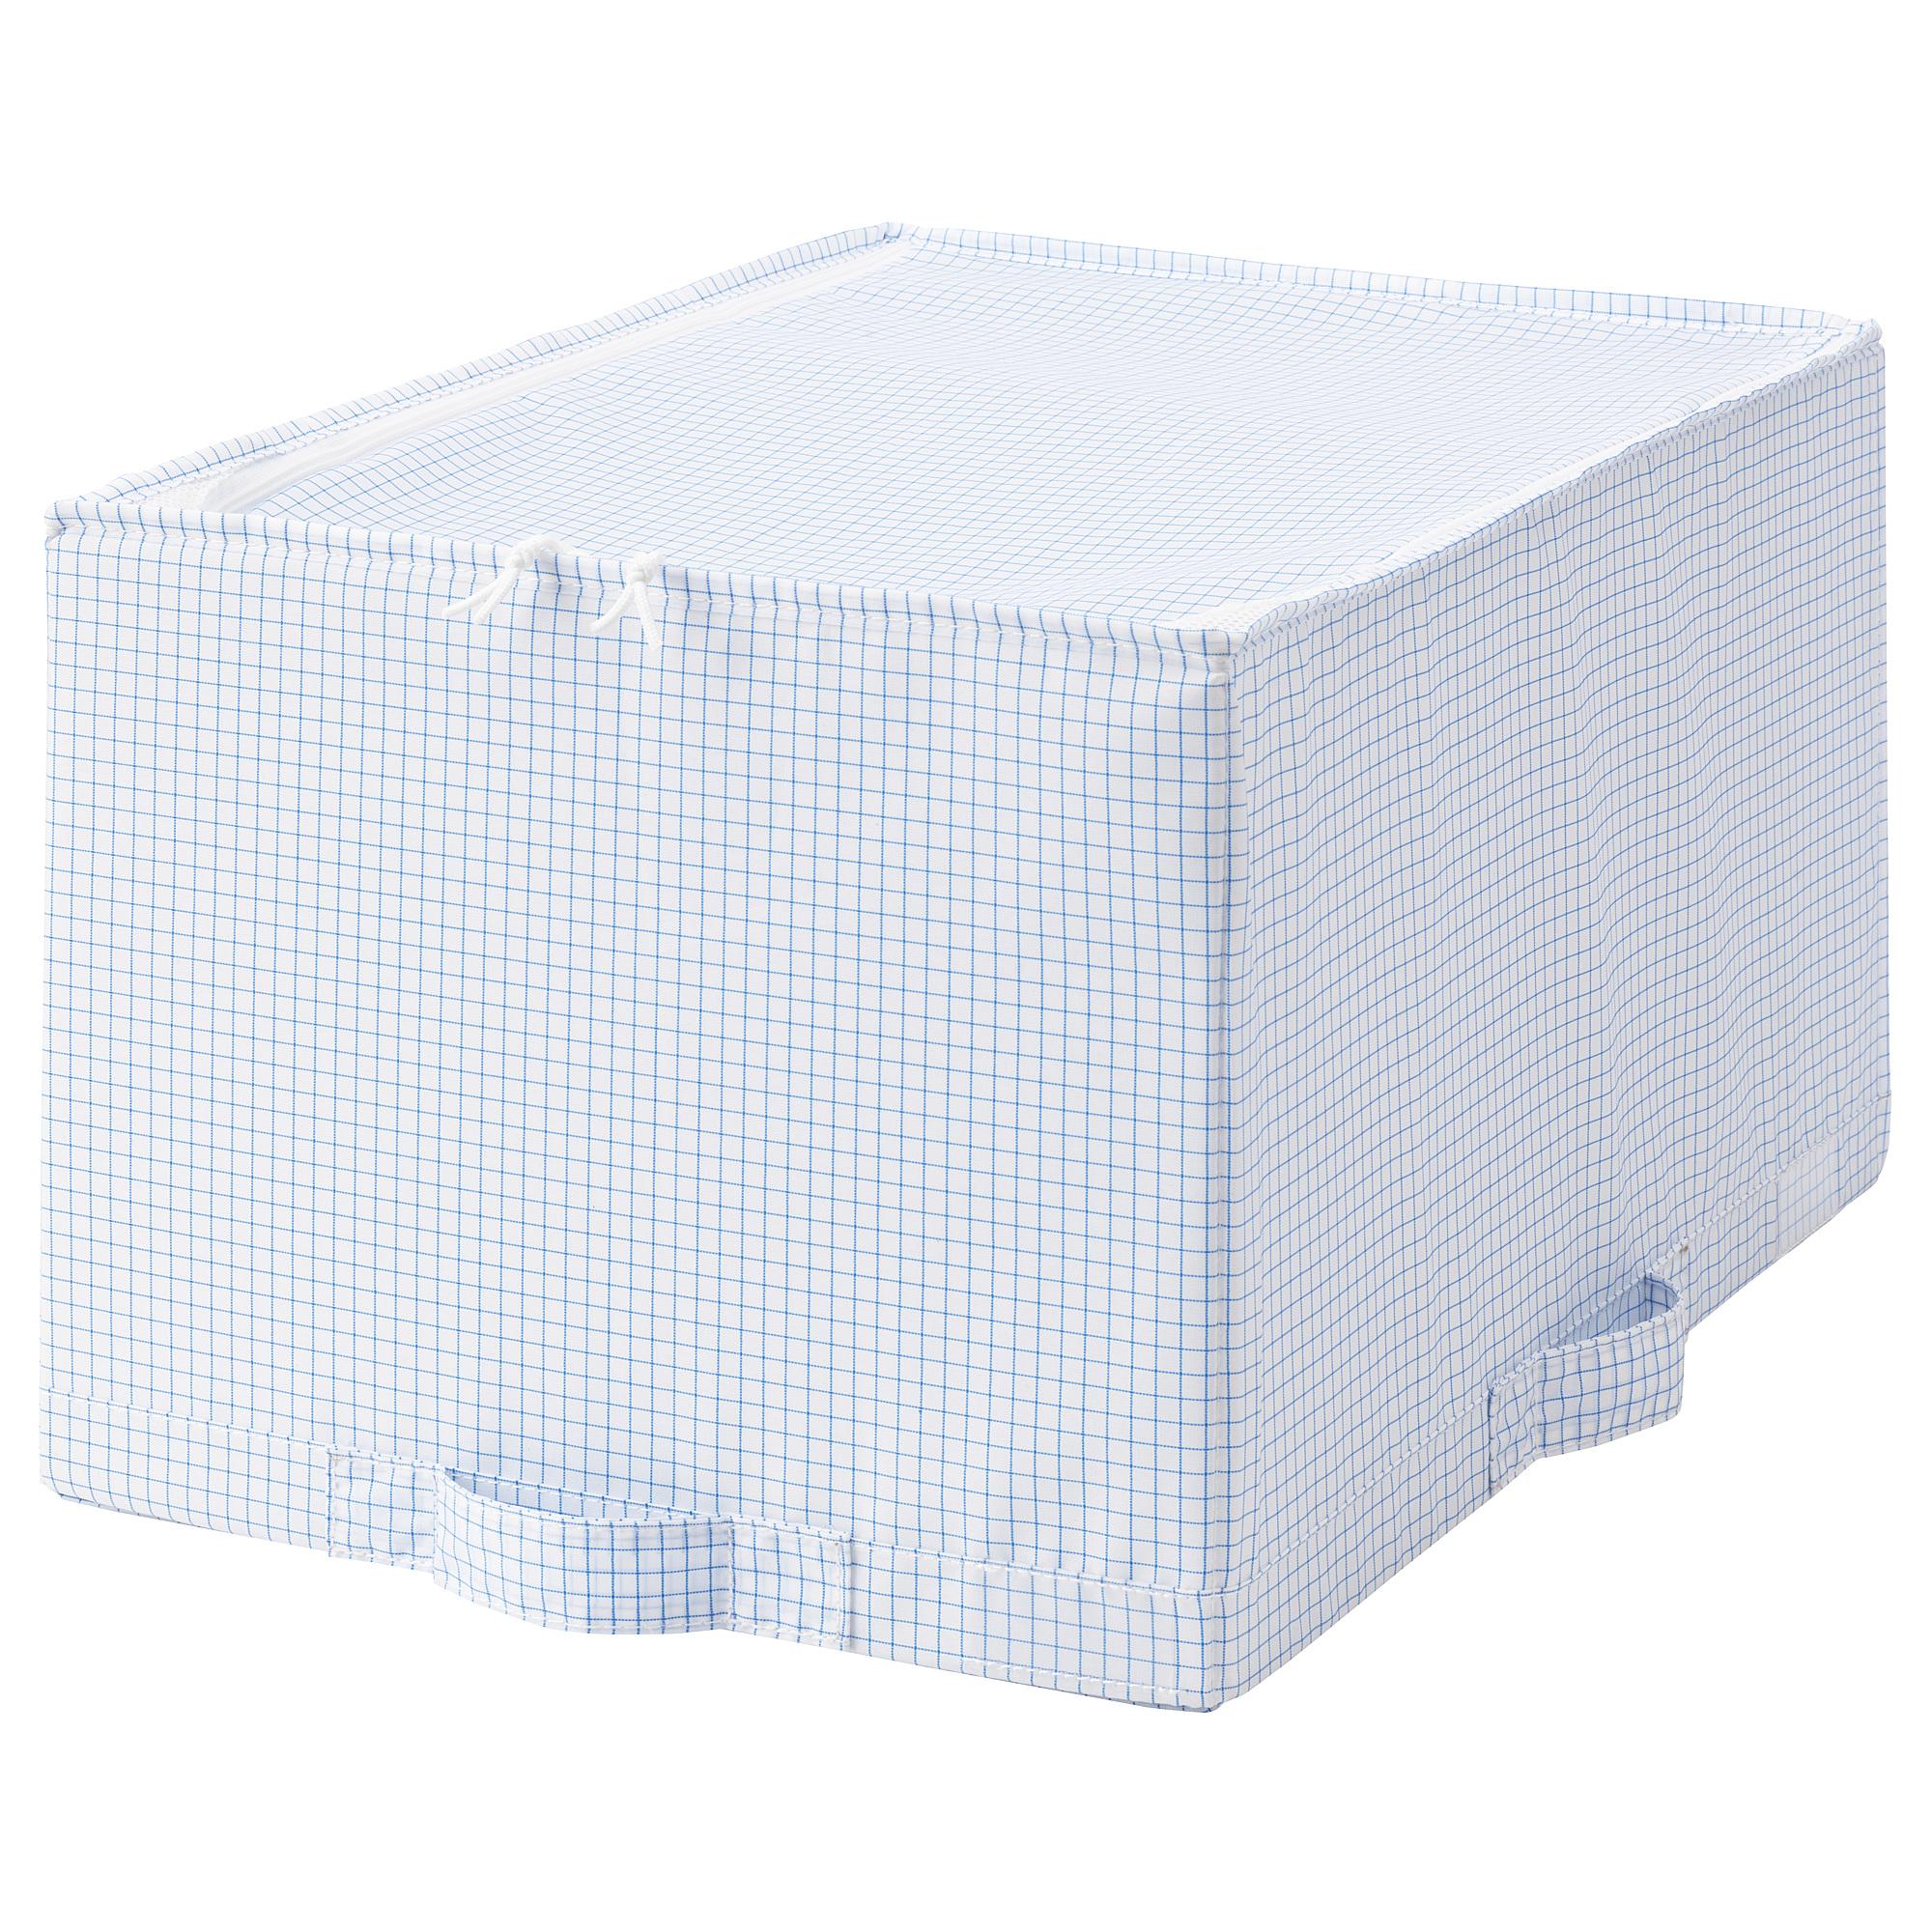 Сумка для хранения СТУК белый/синий артикуль № 503.744.93 в наличии. Online каталог IKEA РБ. Недорогая доставка и соборка.